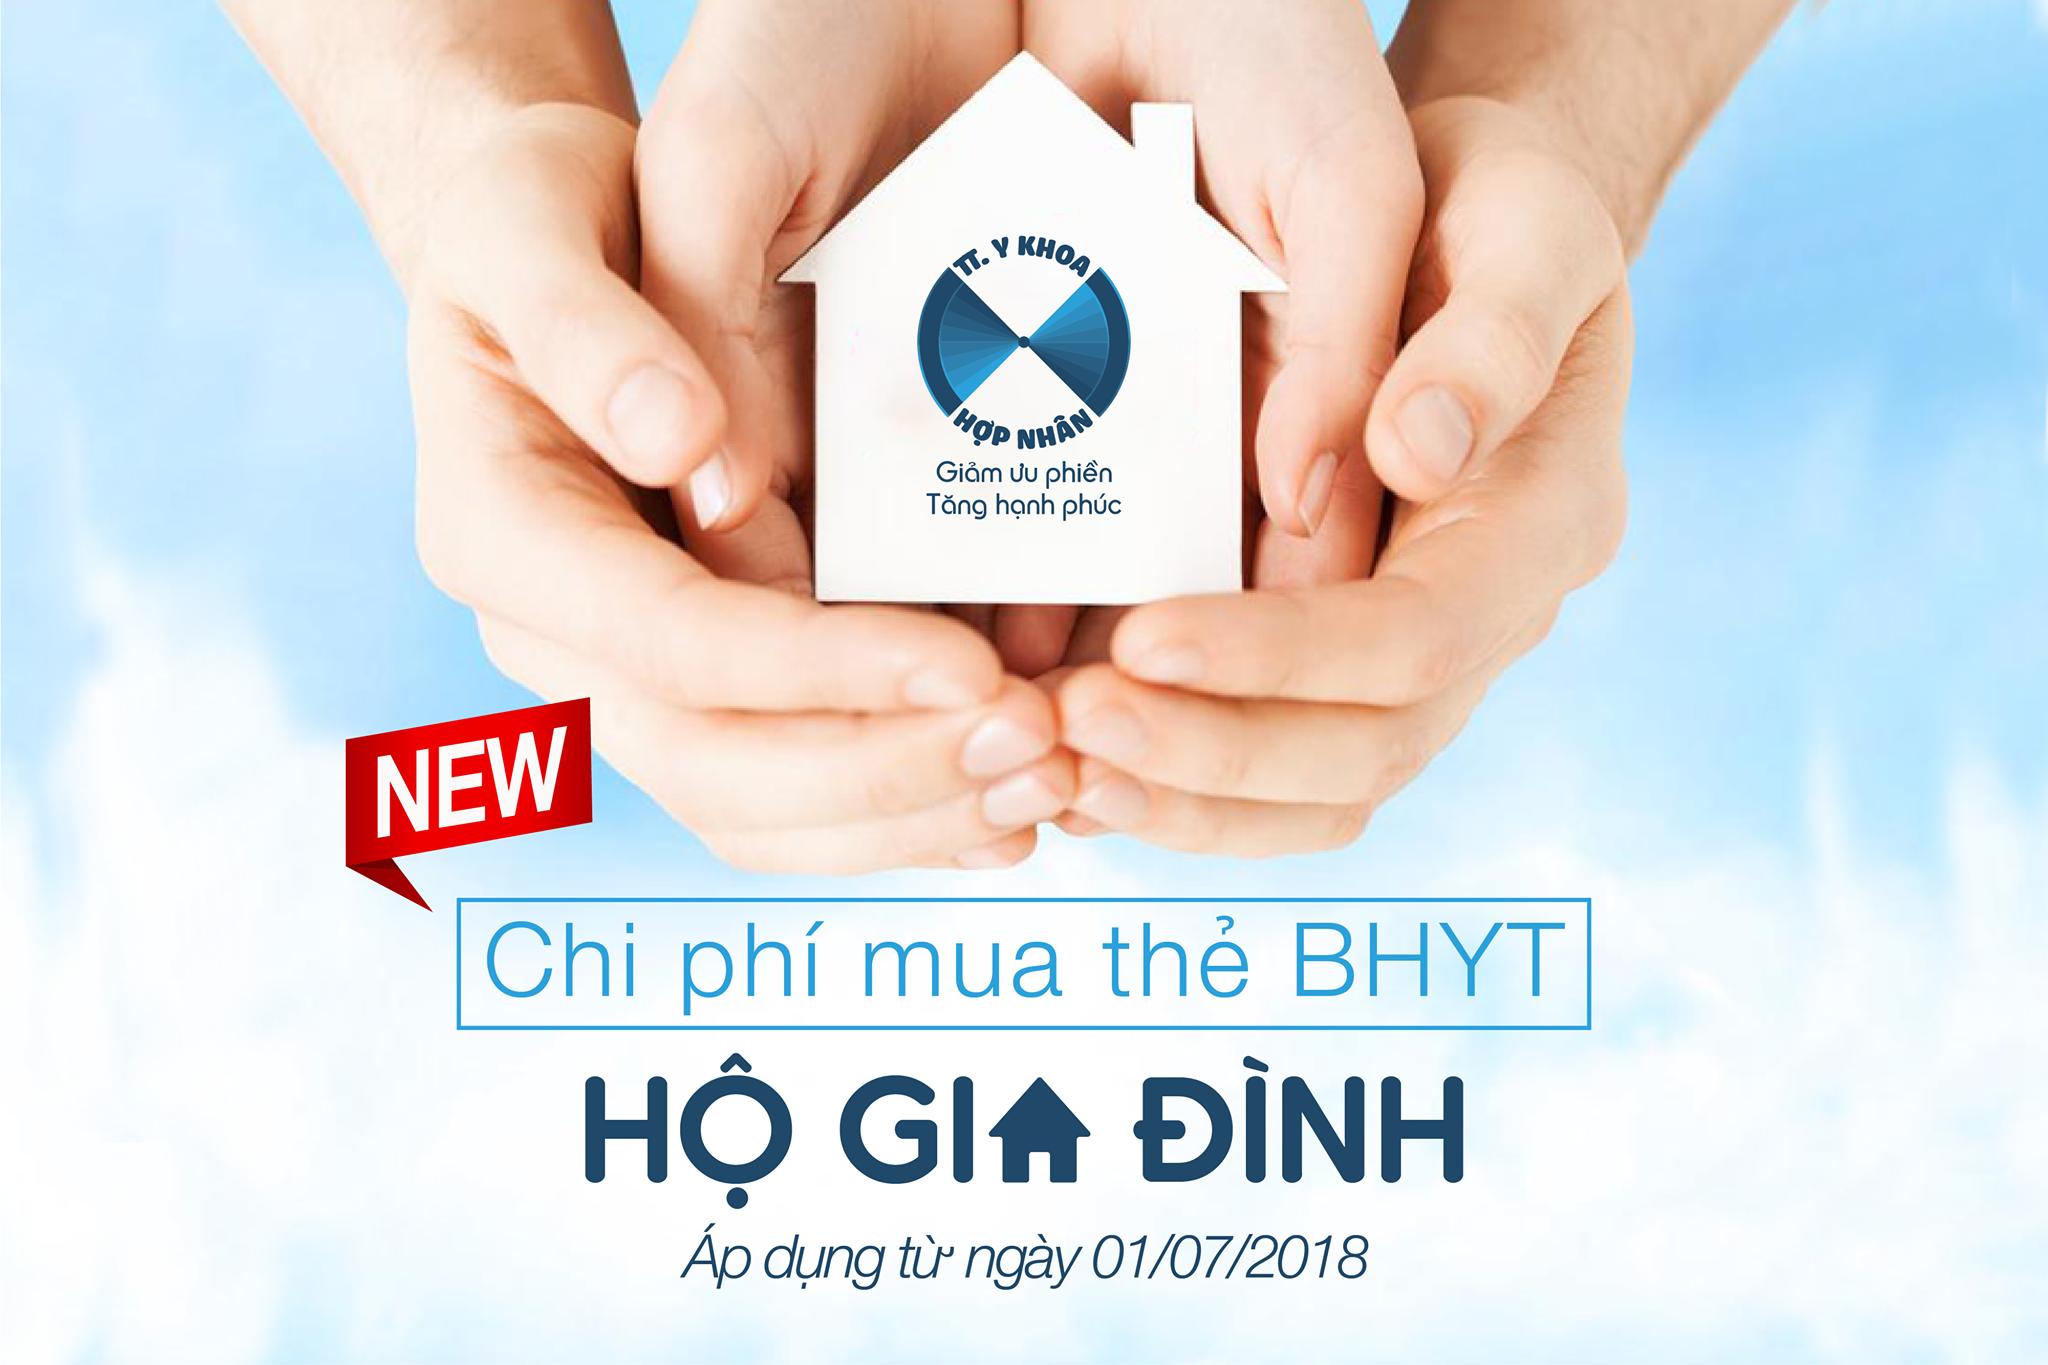 Chi phí mua thẻ BHYT hộ gia đình (GD) áp dụng từ ngày 01/07/2018